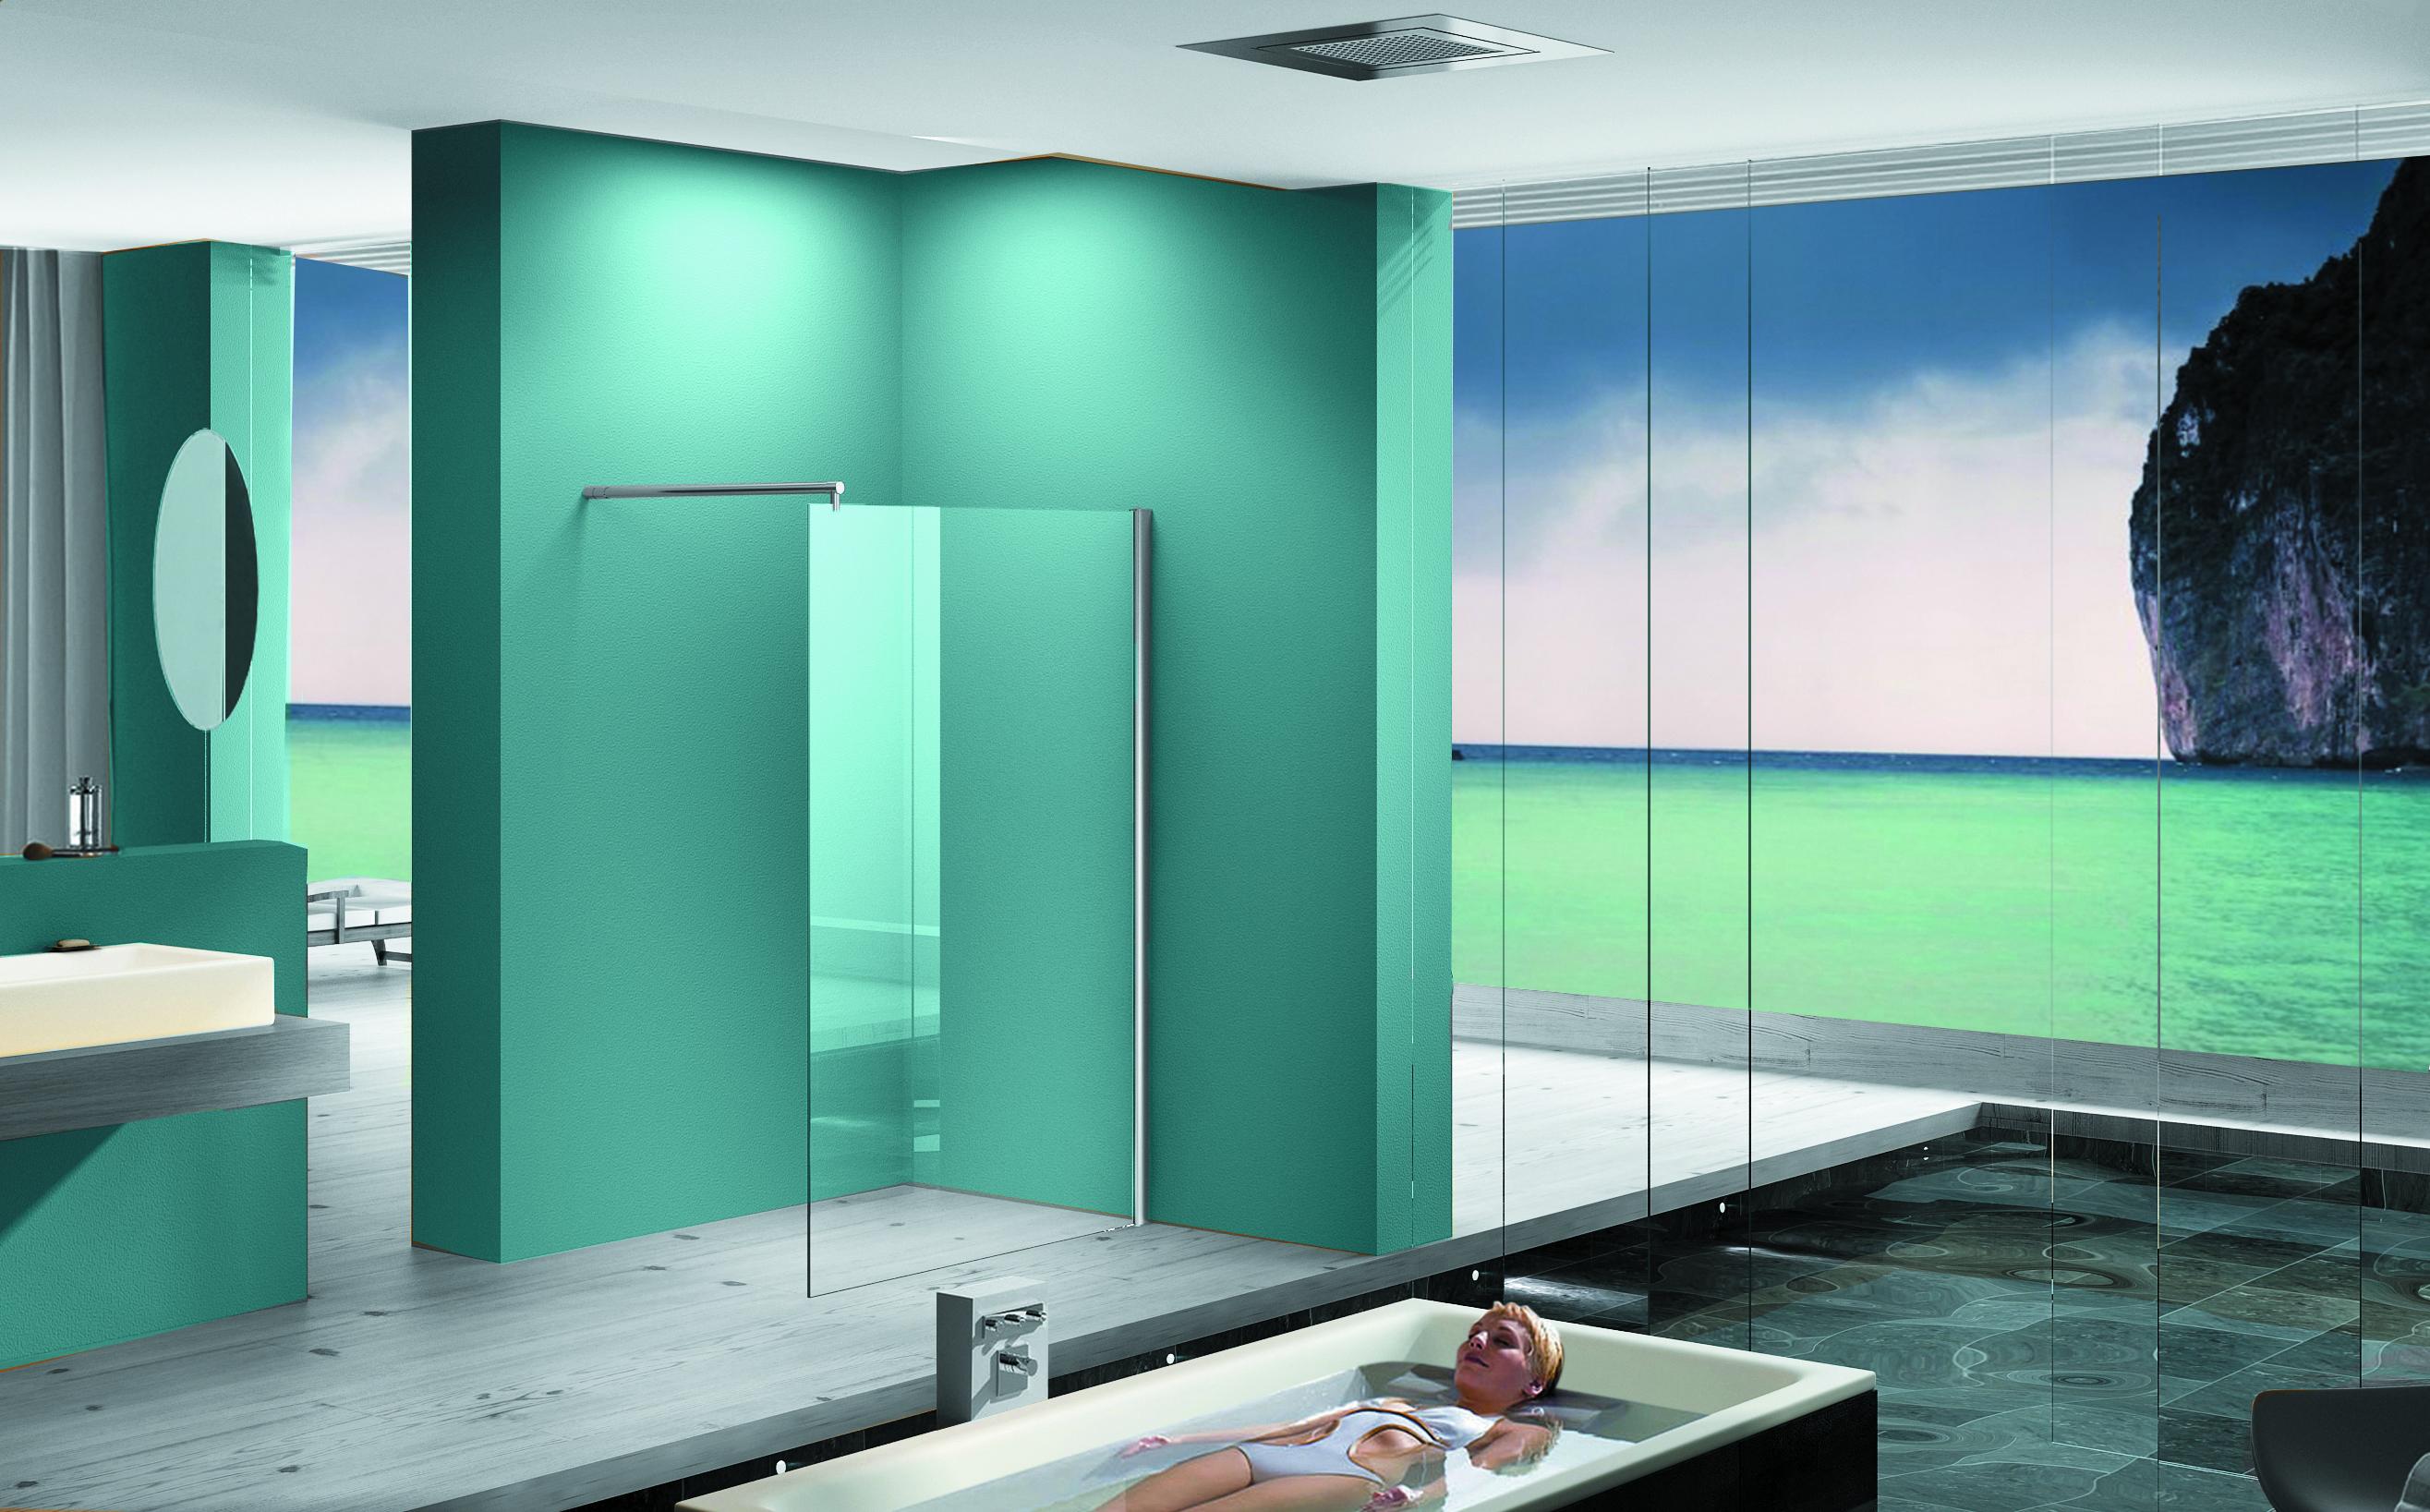 Oss | goedkope badkamer | Pagie Bad & Tegeldesign